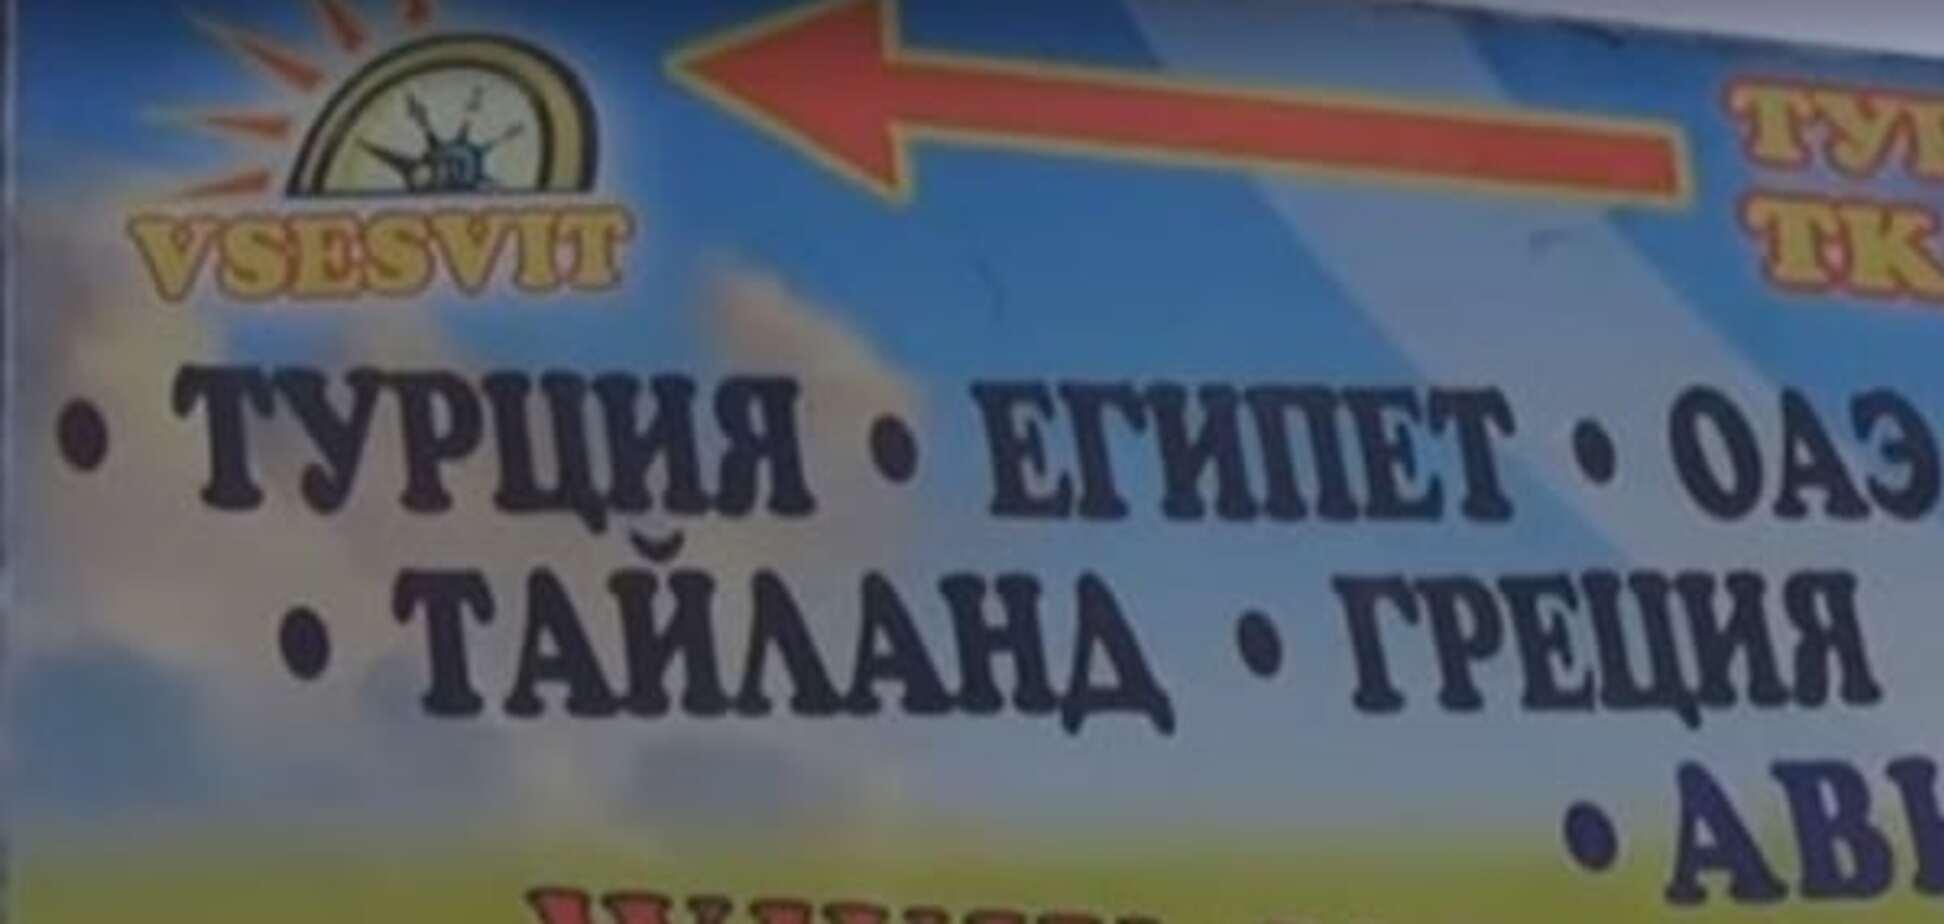 Братки воювали: у Донецьку скривджені терористи влаштували розборки з турфірмою, відеофакт